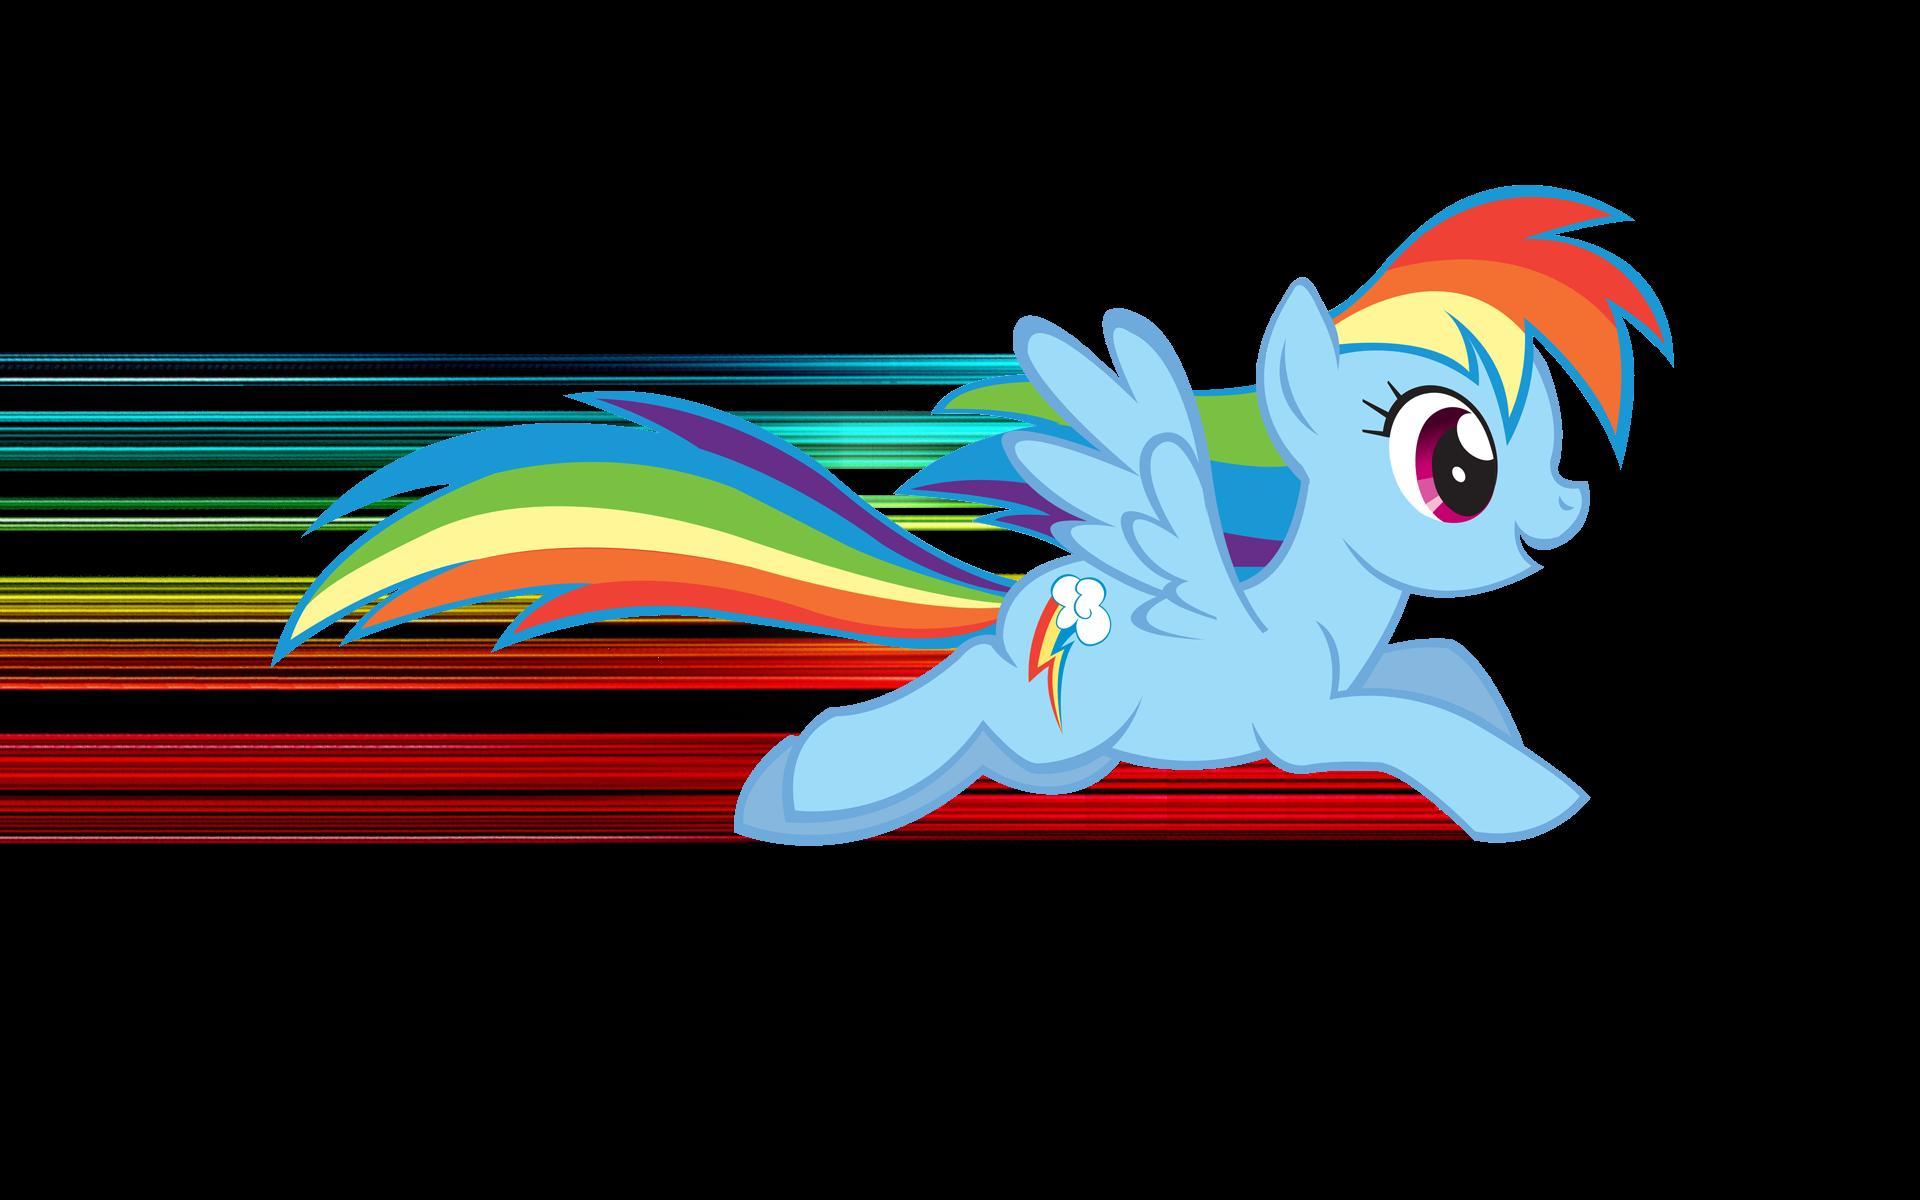 """Коллекция пазлов из картинок с пони Радугой Дэш из сериала  """"Дружба это Чудо """". ... .  Игры Мой маленький пони на сайте..."""